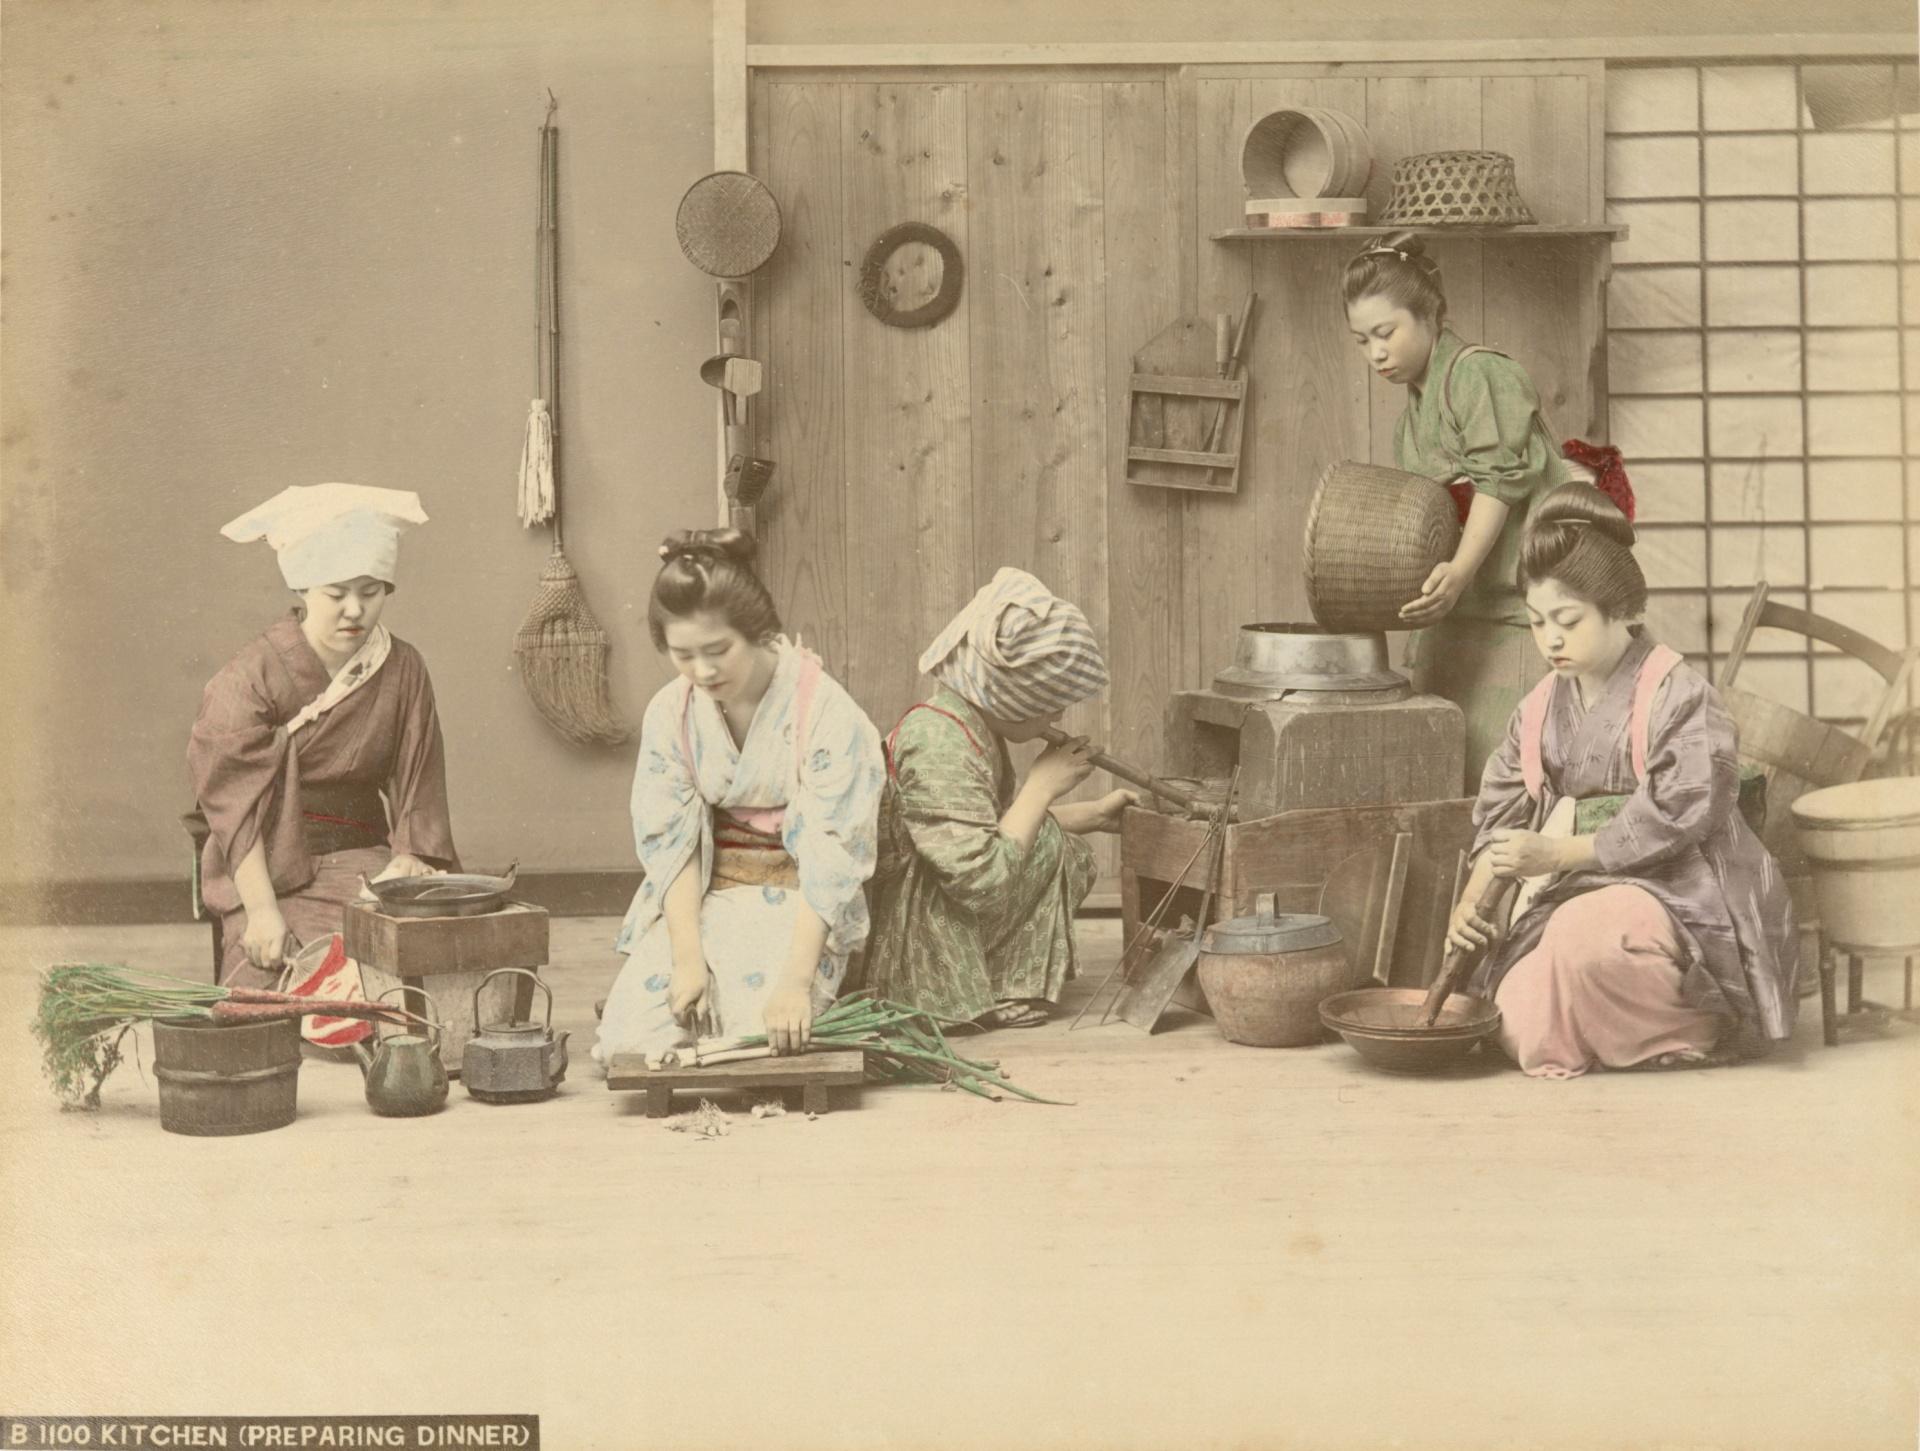 (裁剪) 佚名,《伙房(備晚膳)》,1890-1899年。蛋白相紙手工上色。(紐約公共圖書館藏)The Miriam and Ira D. Wallach Division of Art, Prints and Photographs Photography Collection, The New York Public Library. (1890-1899).Kitchen (preparing dinner).